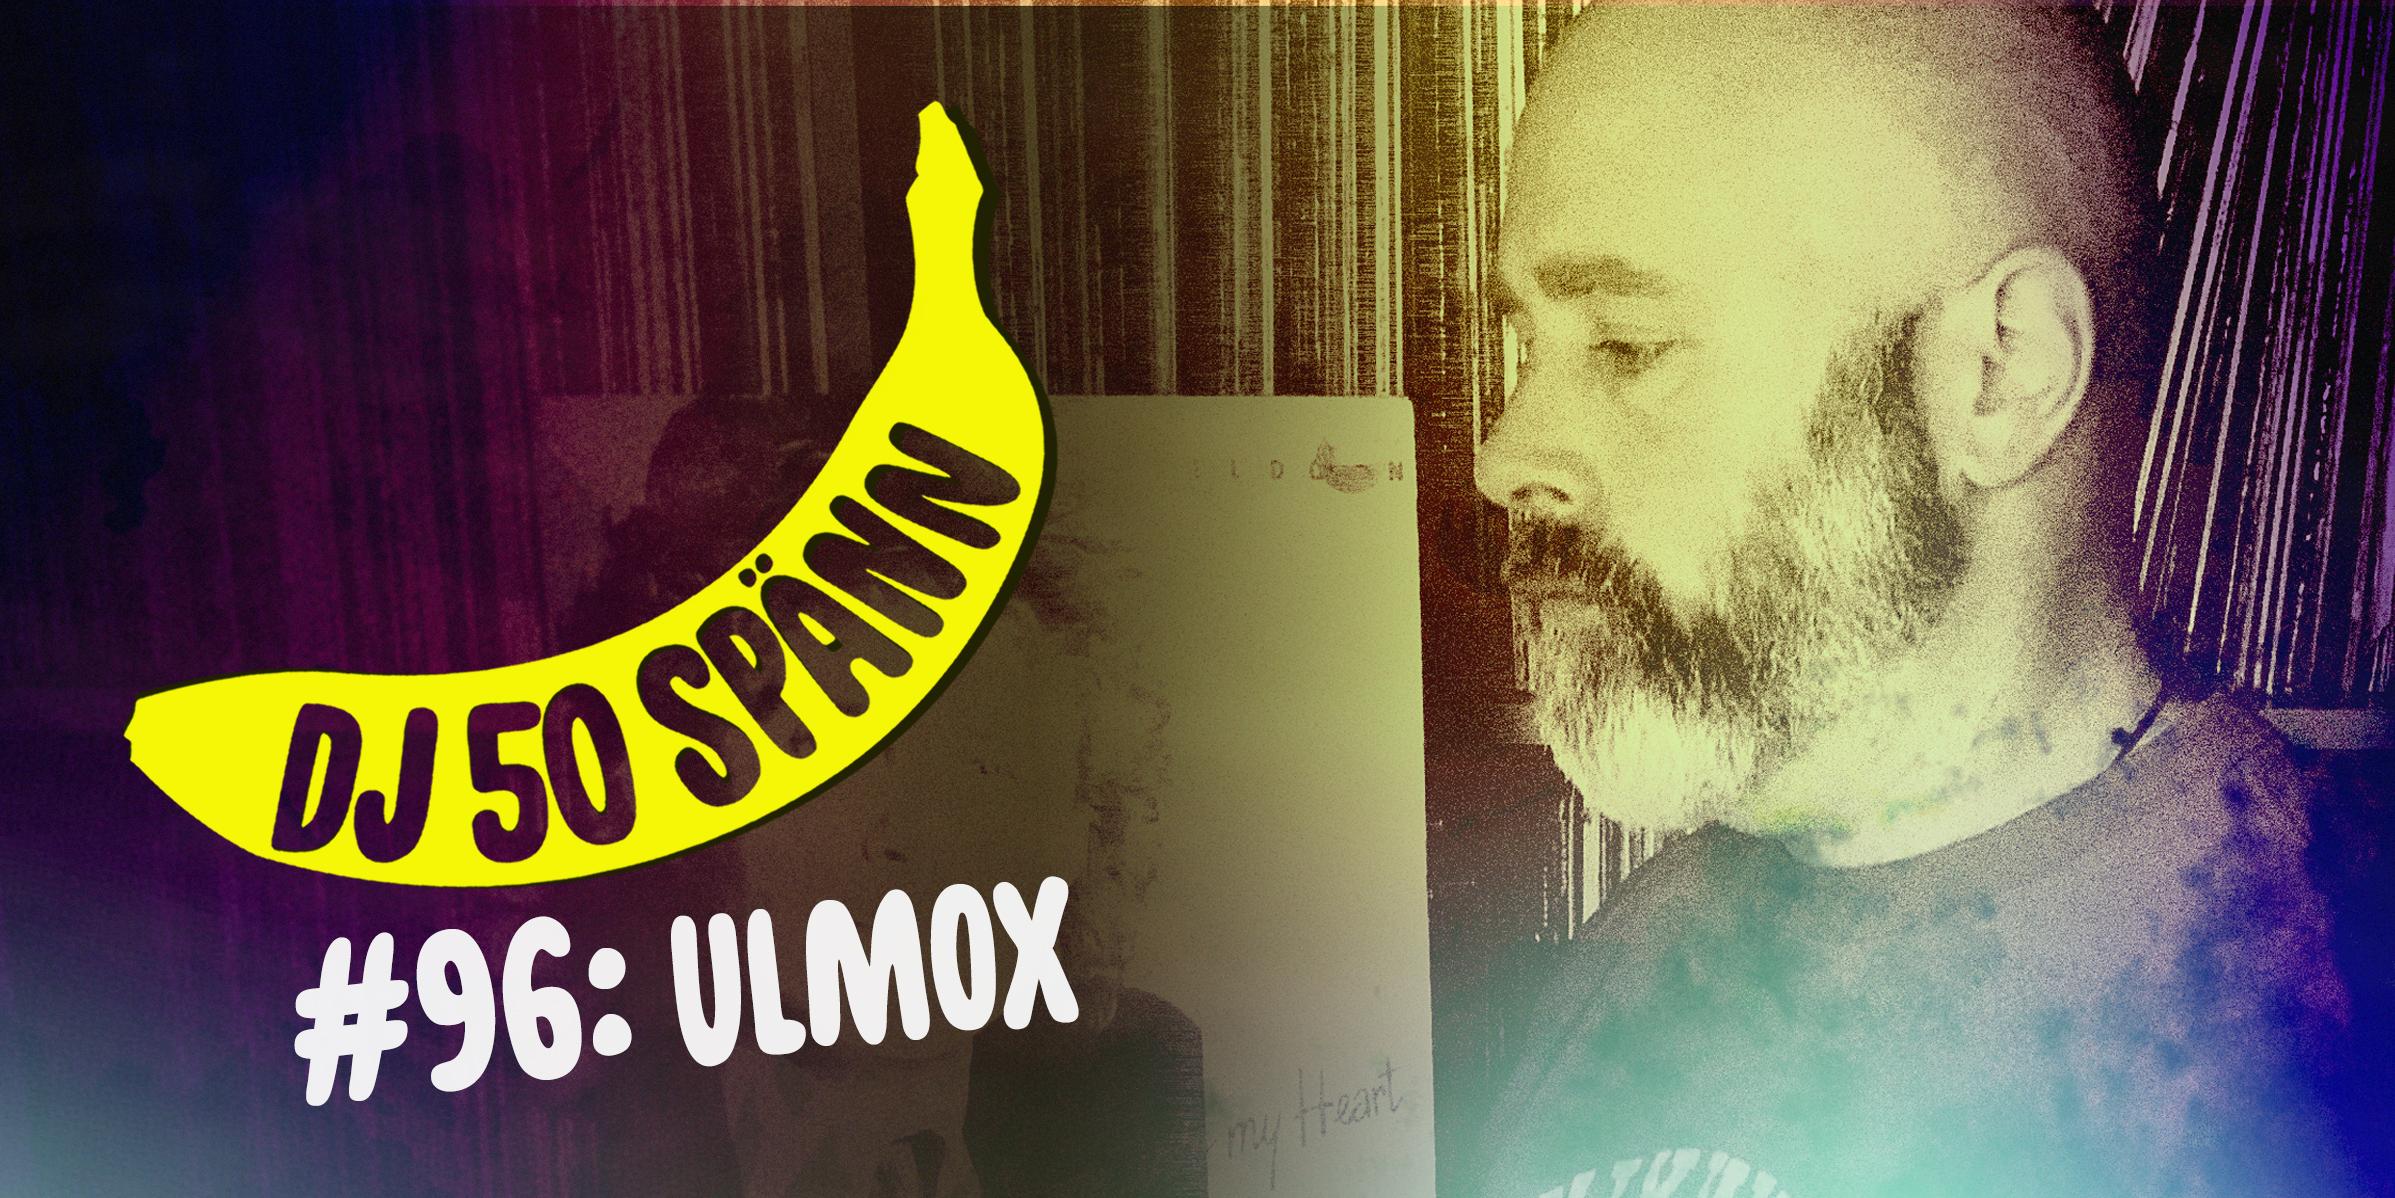 ulmox